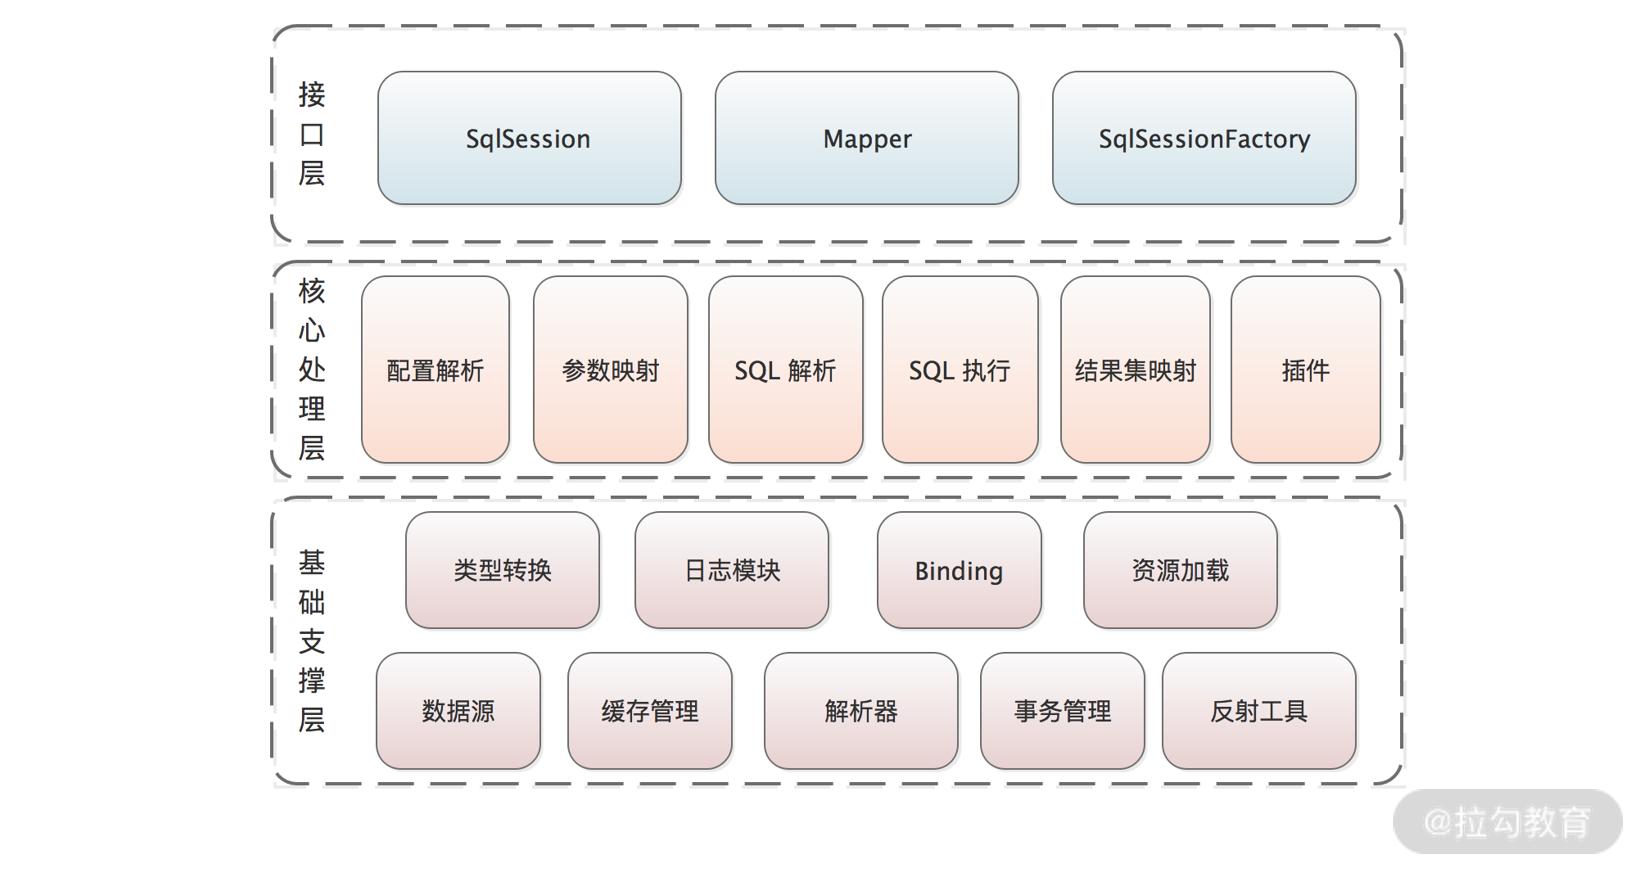 MyBatis 三层架构图